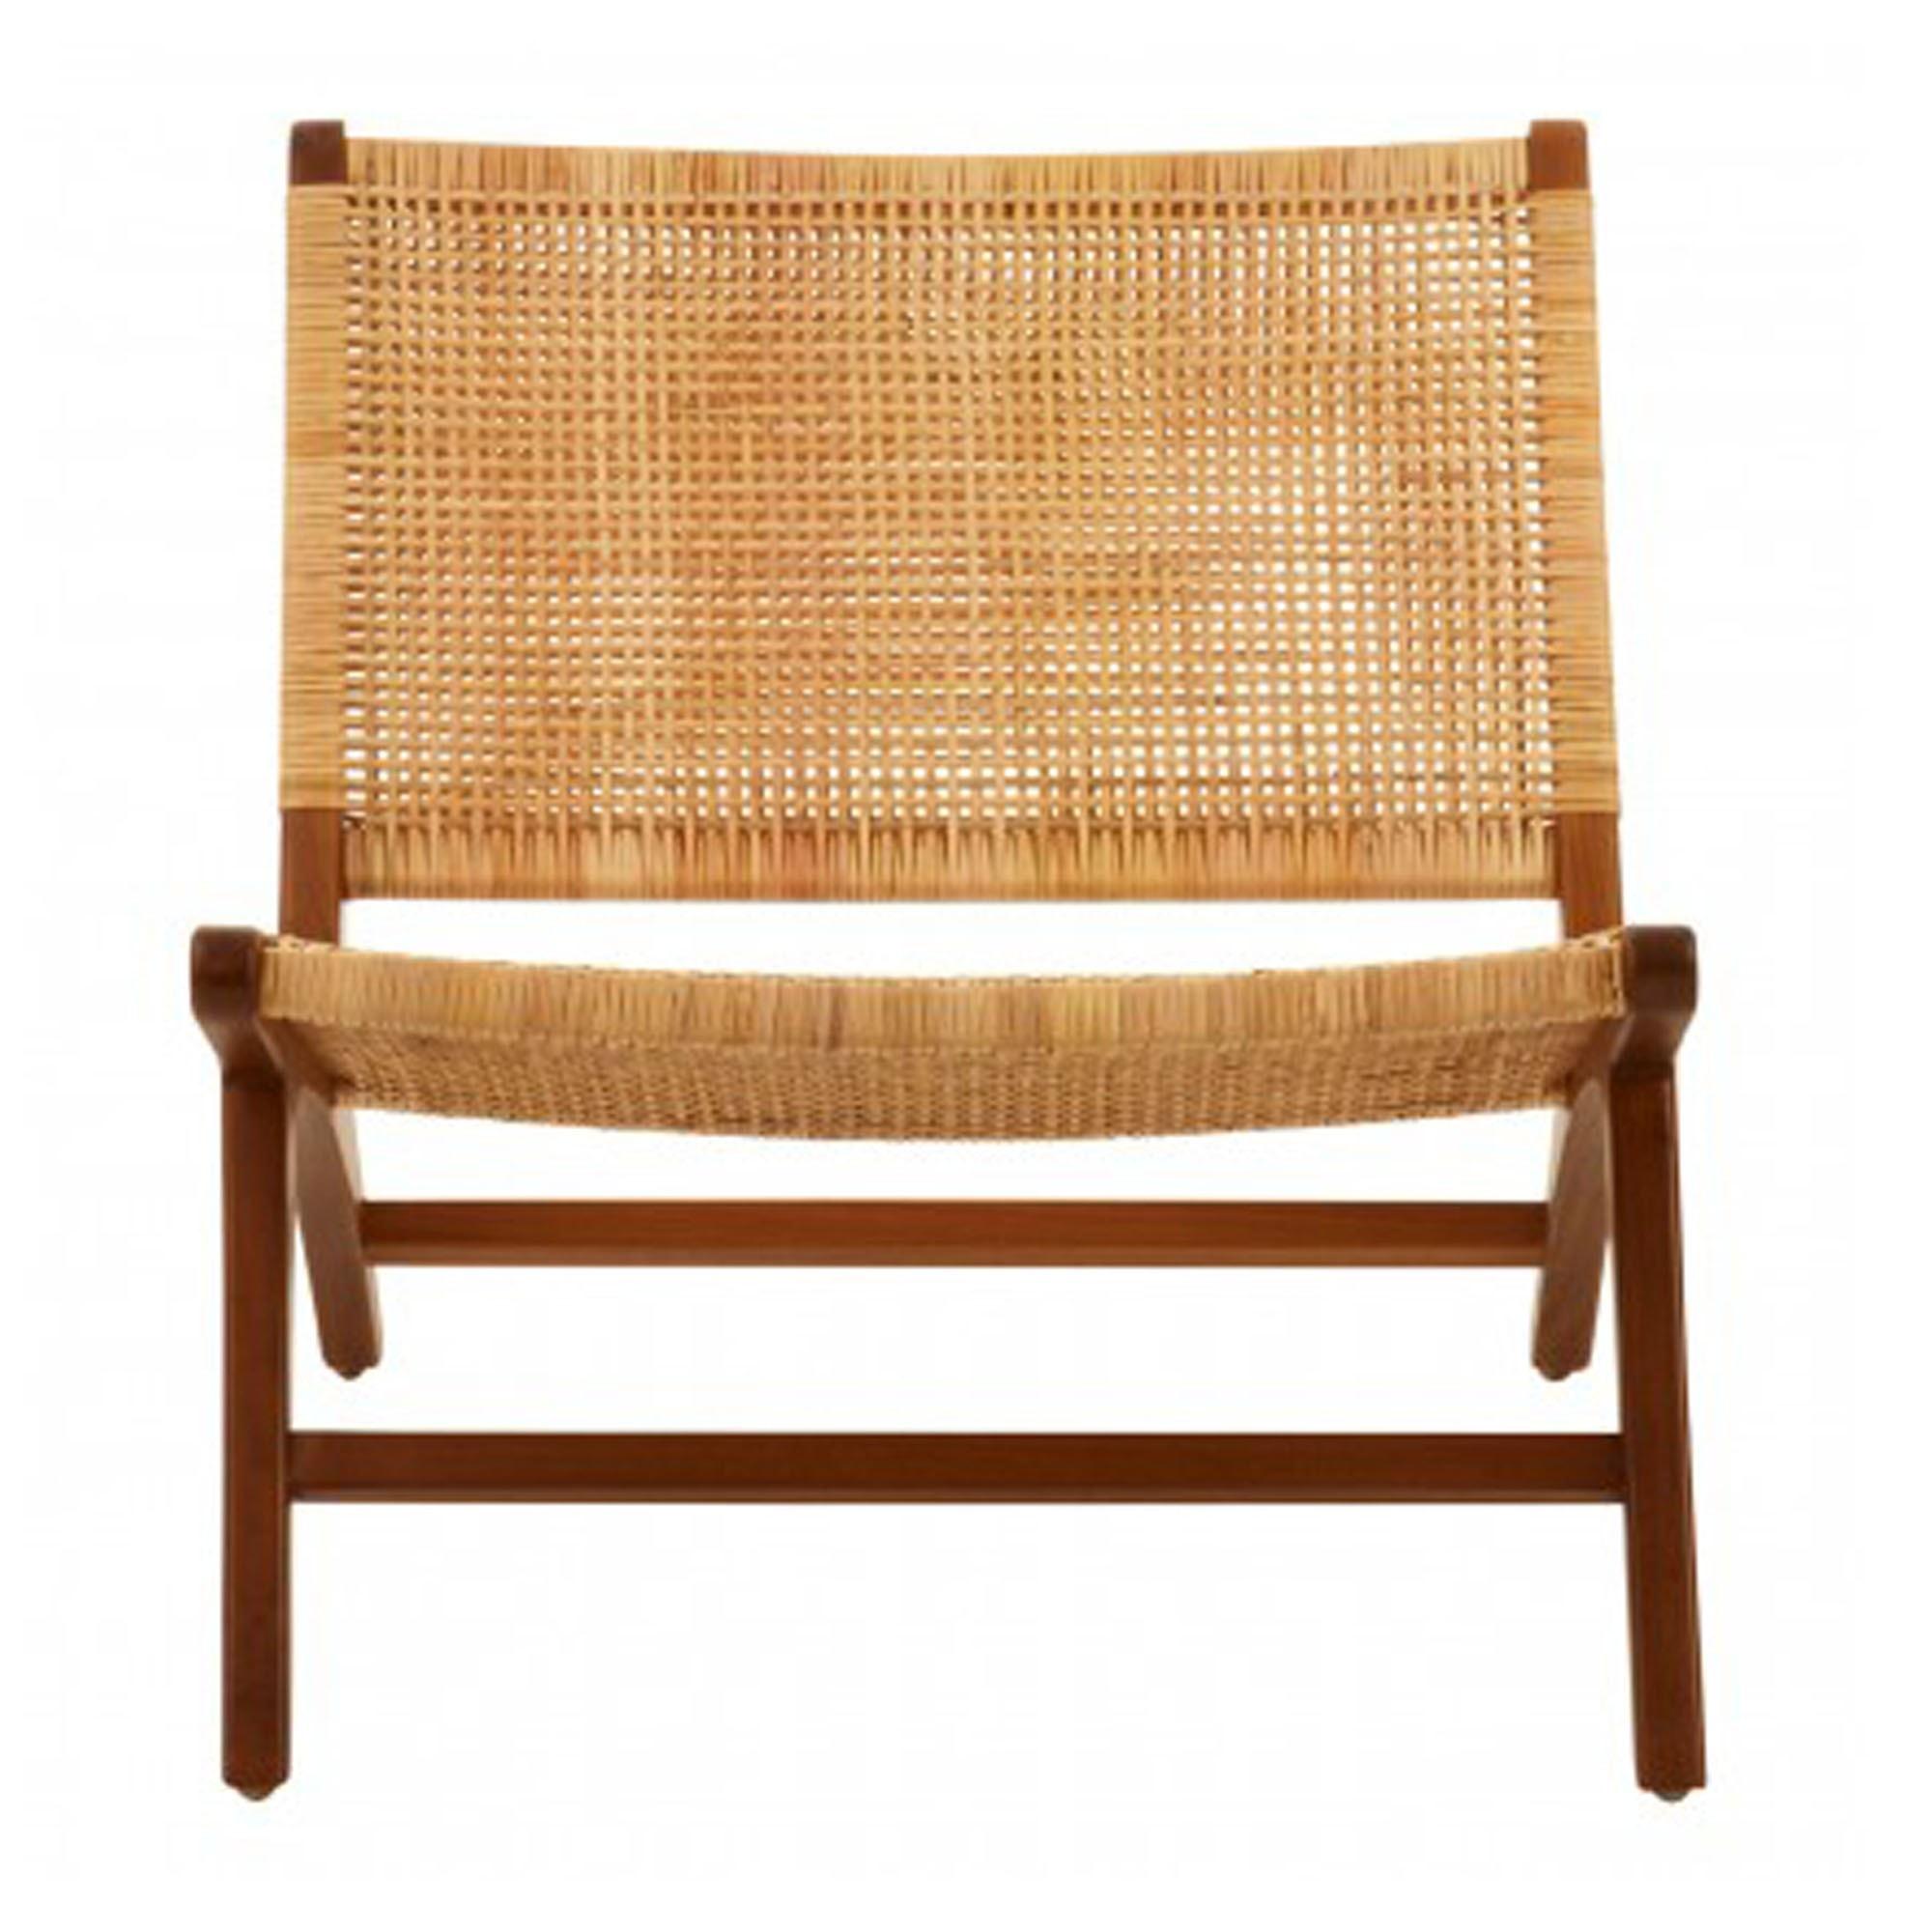 Fabulous Lovina Teak Wood Lounge Chair Inzonedesignstudio Interior Chair Design Inzonedesignstudiocom